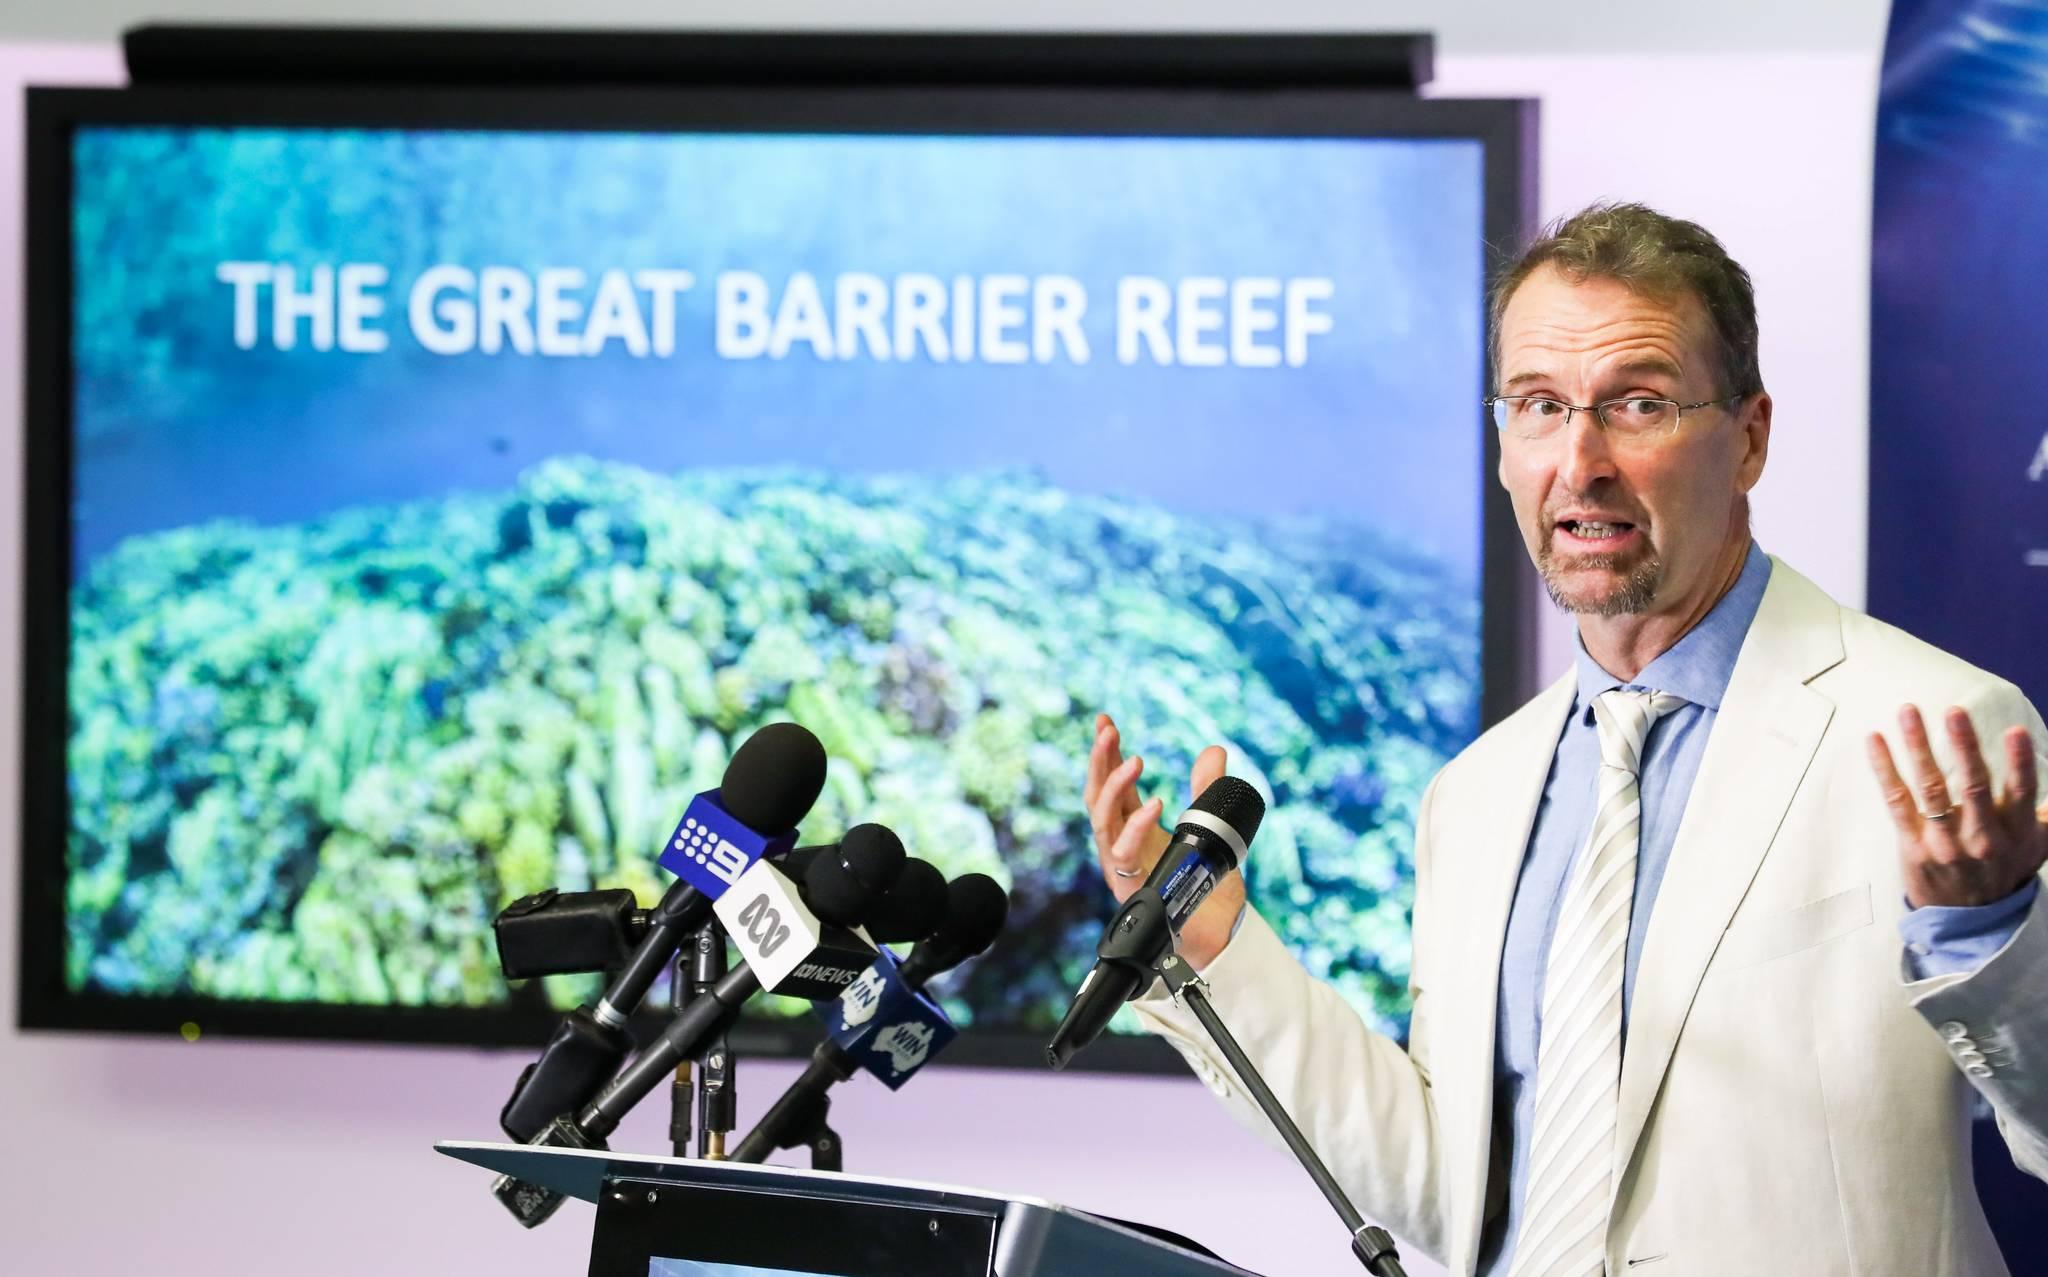 지난 1월 호주 대산호초 보호의 필요성을 역설하는 폴 하디스티 호주 해양연구소장.[EPA=연합뉴스]